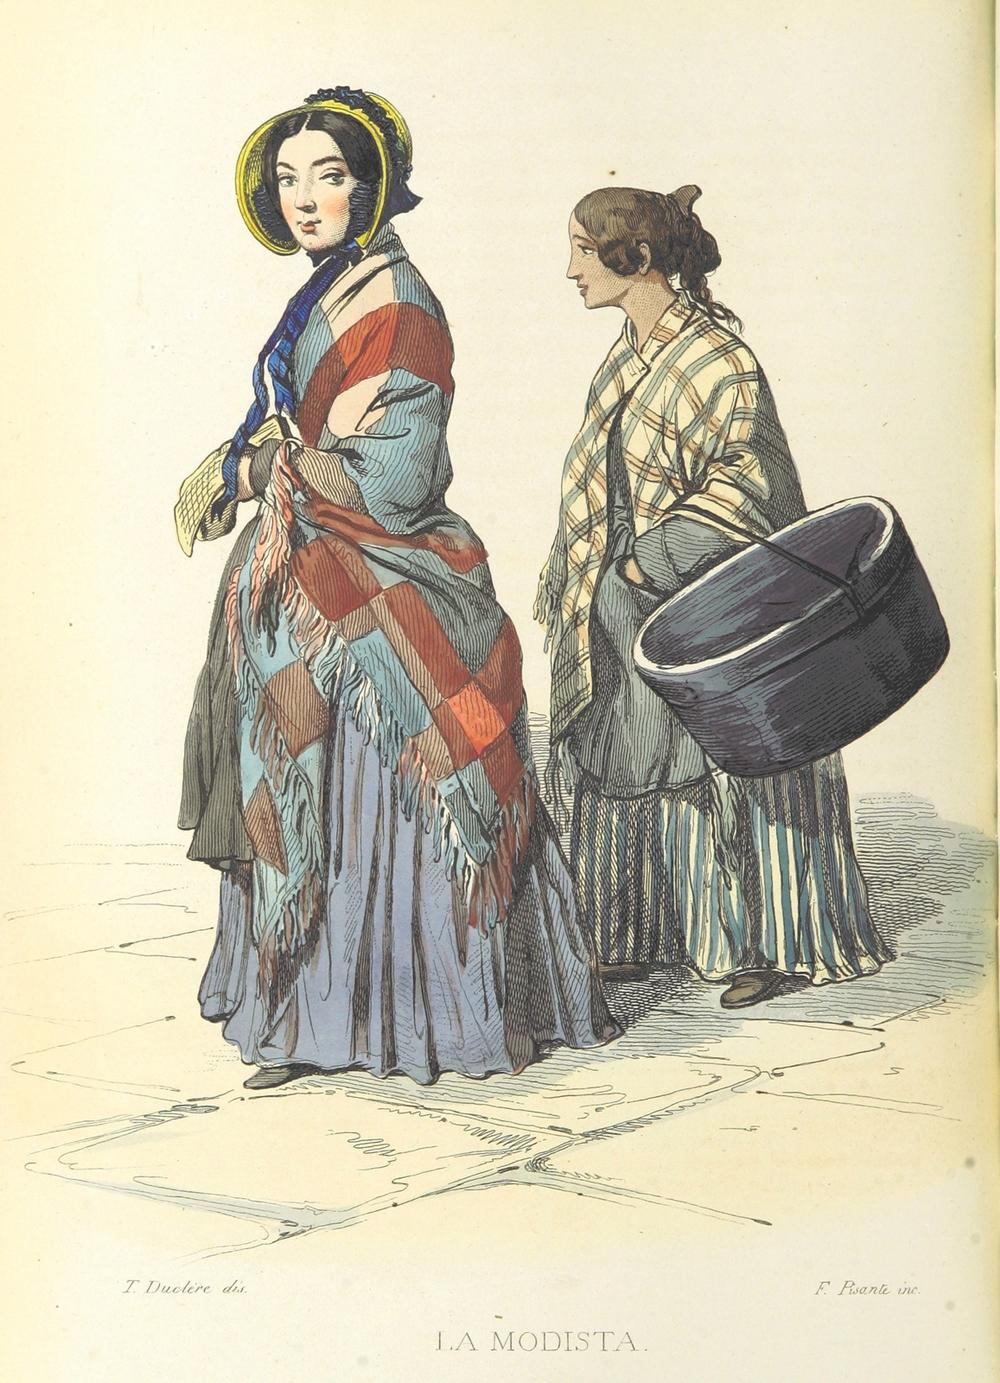 Usi e costumi di Napoli e contorni descritti e dipinti